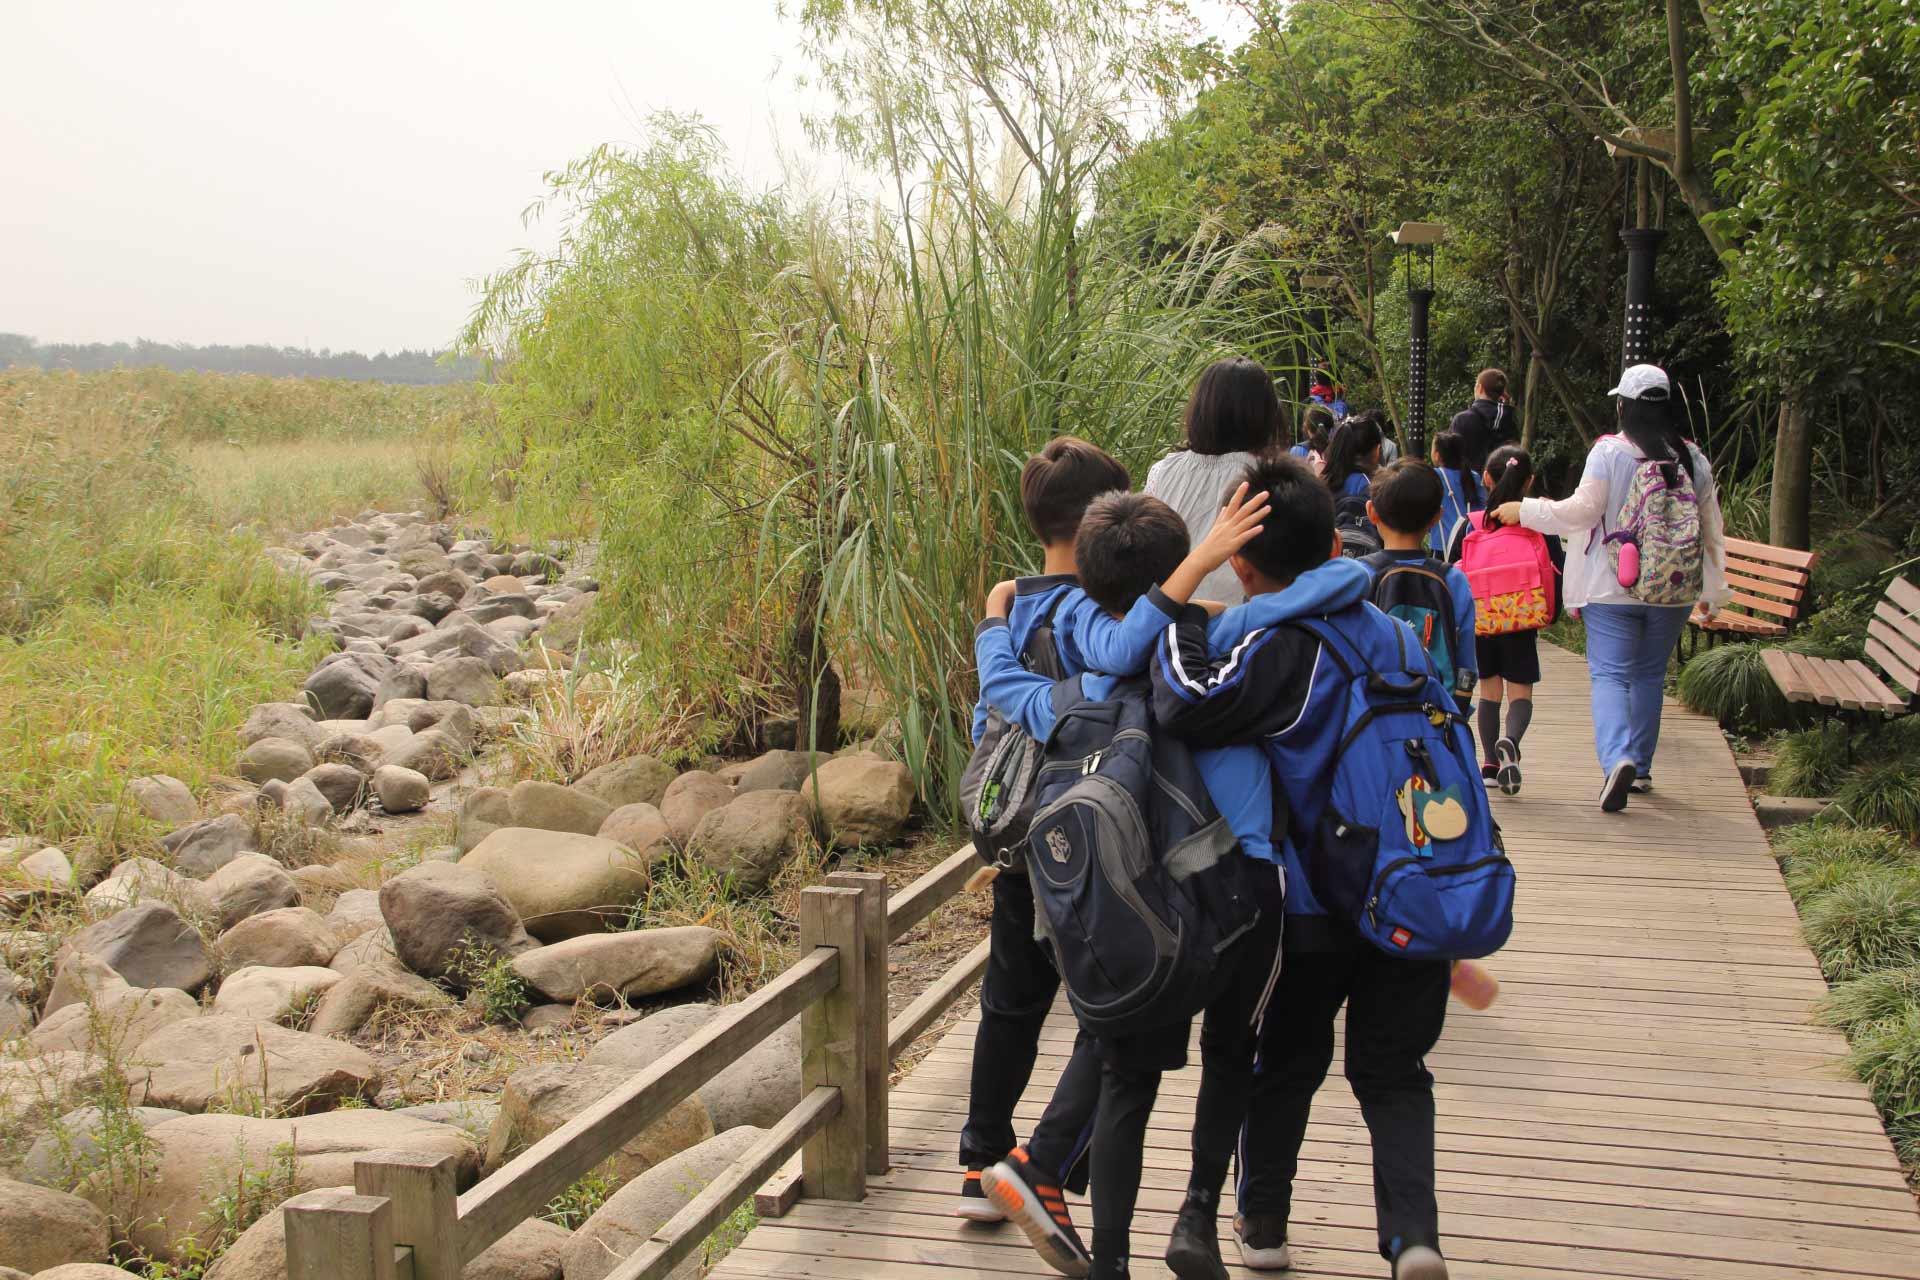 school class in nature on bridge